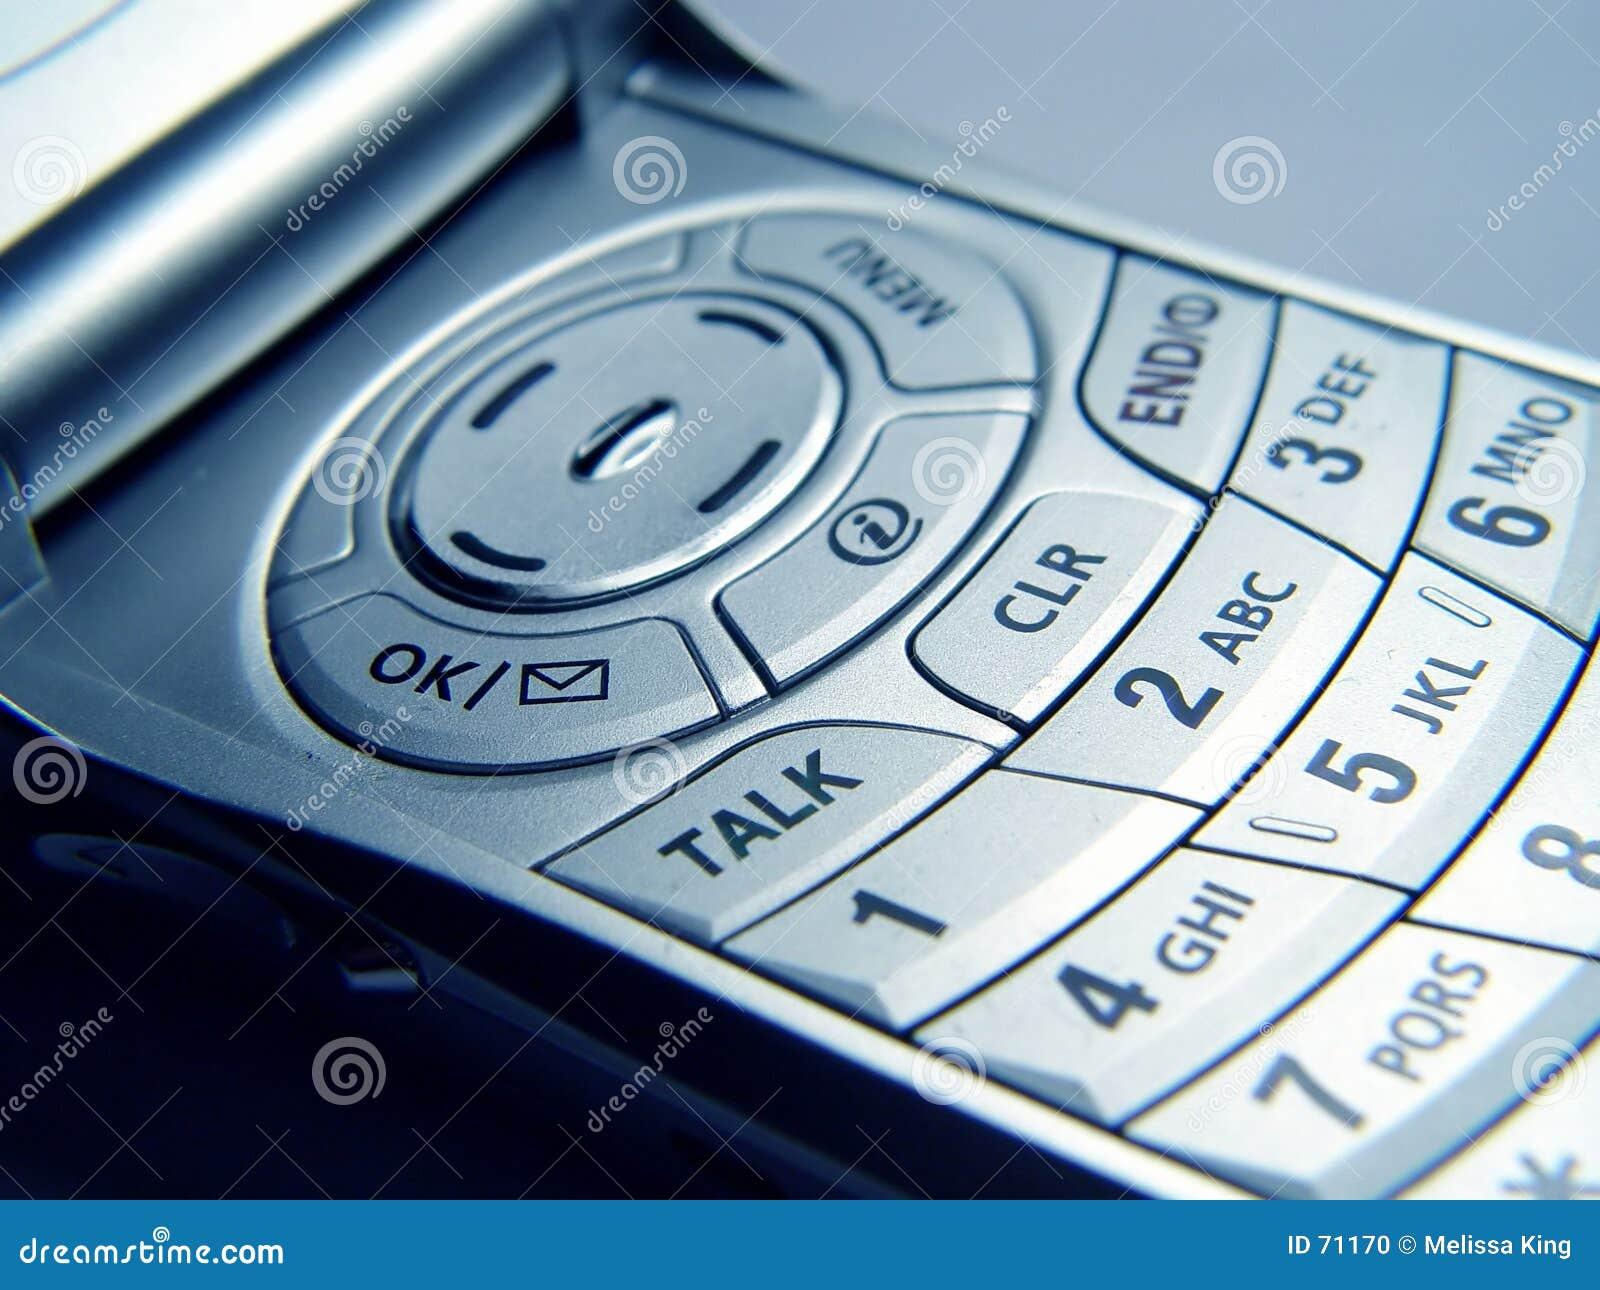 Closeup of Cellular Phone